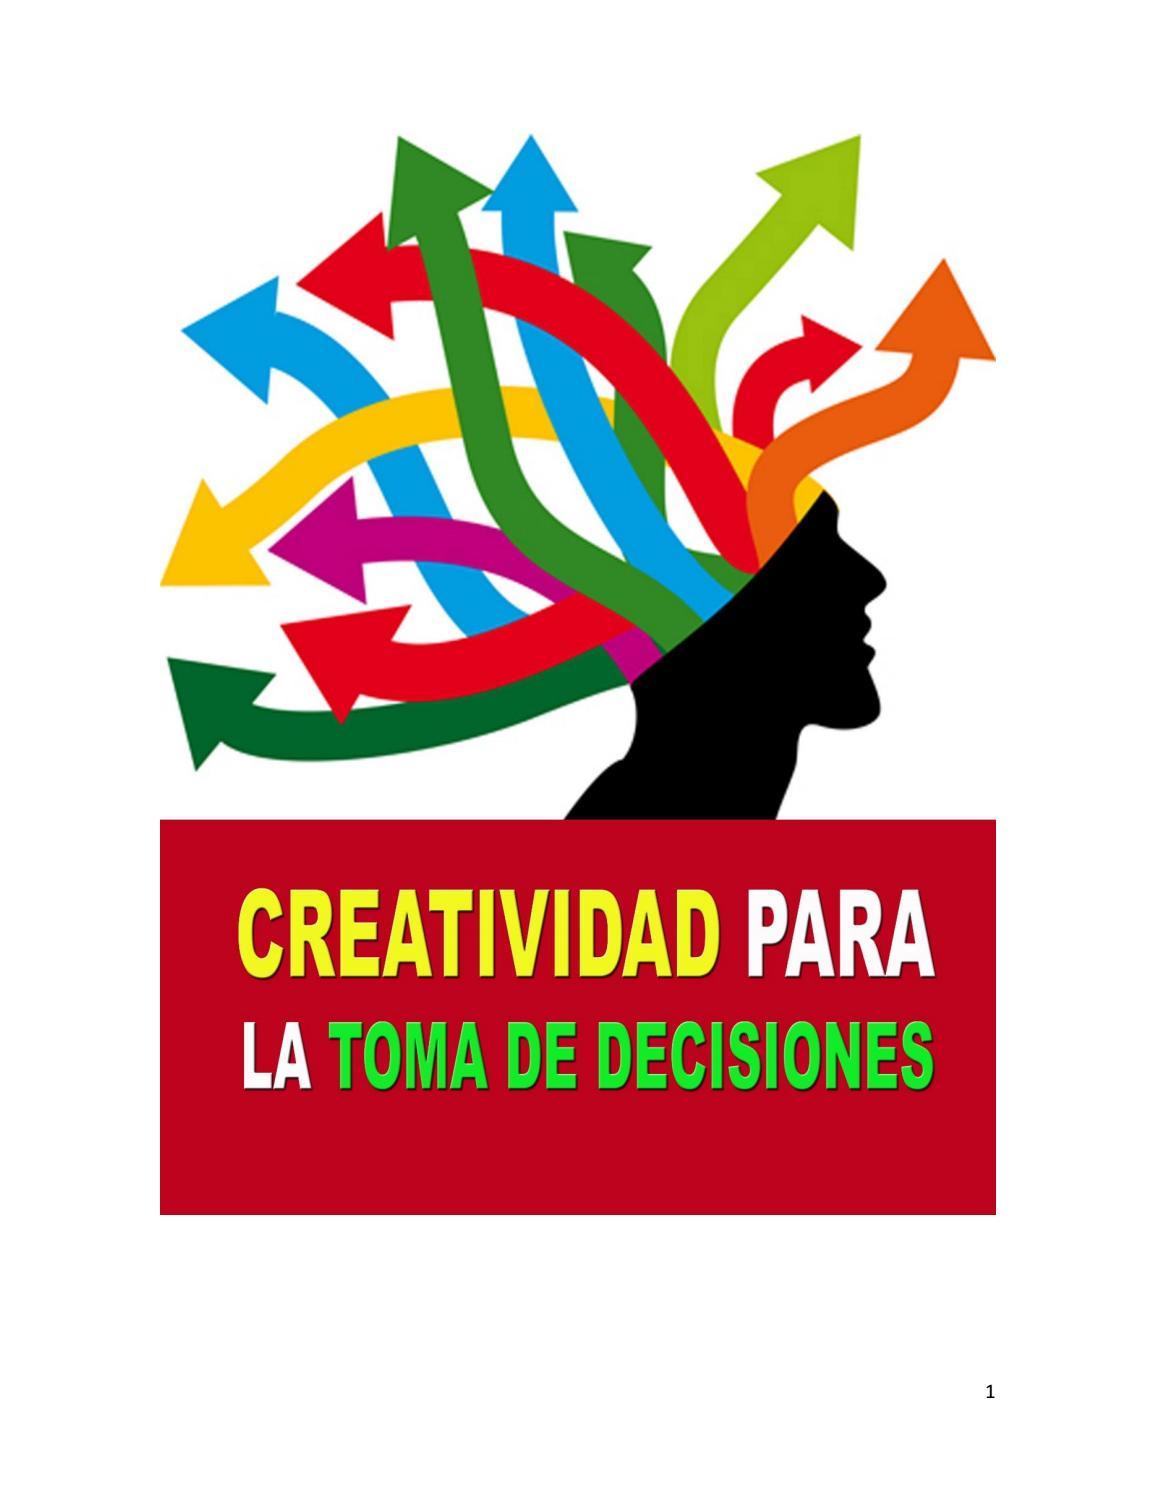 Creatividad para la toma de decisiones by gonzalo guerrero - issuu